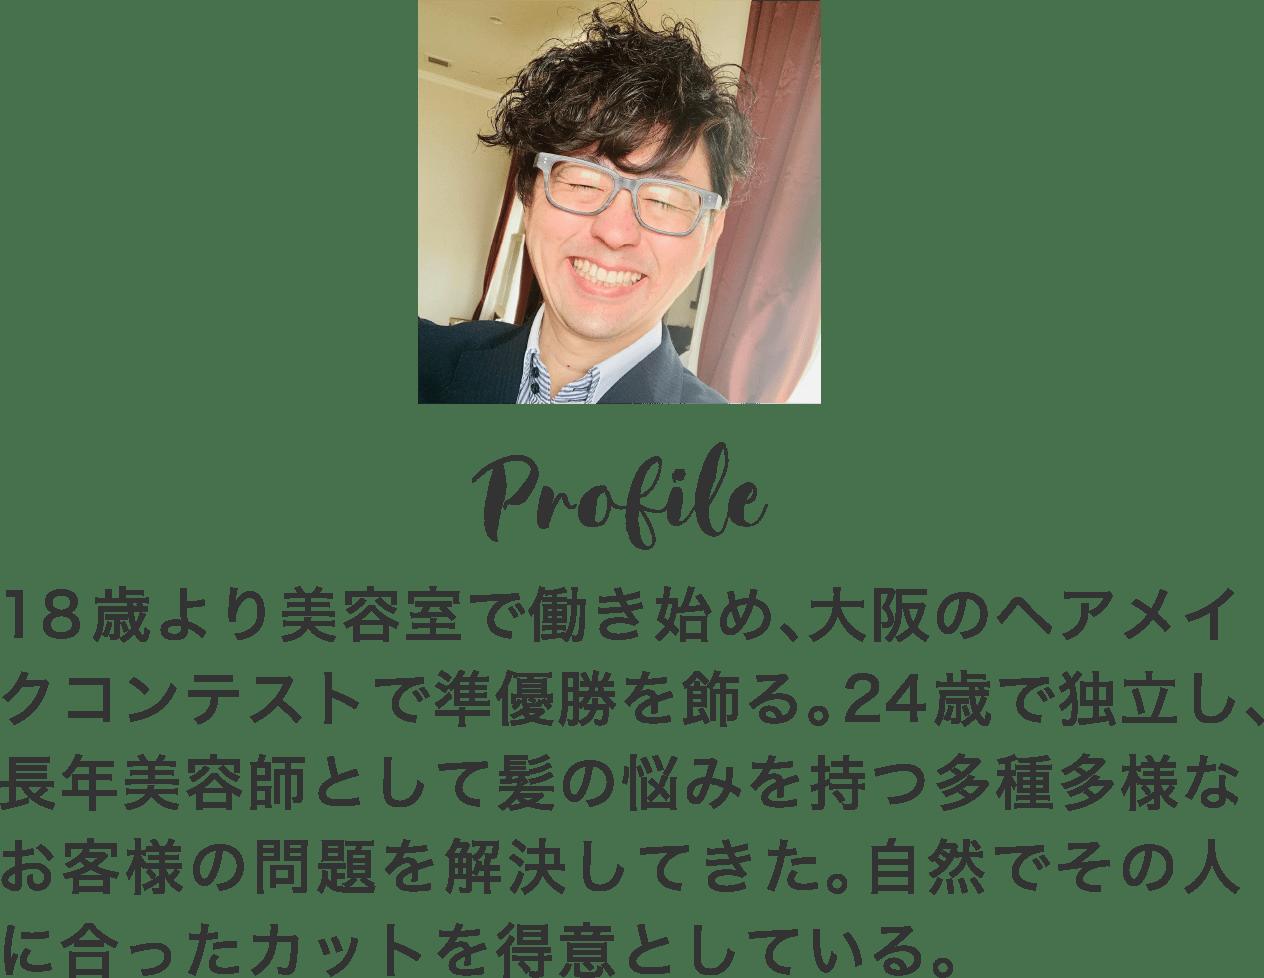 lp_tit_02.png